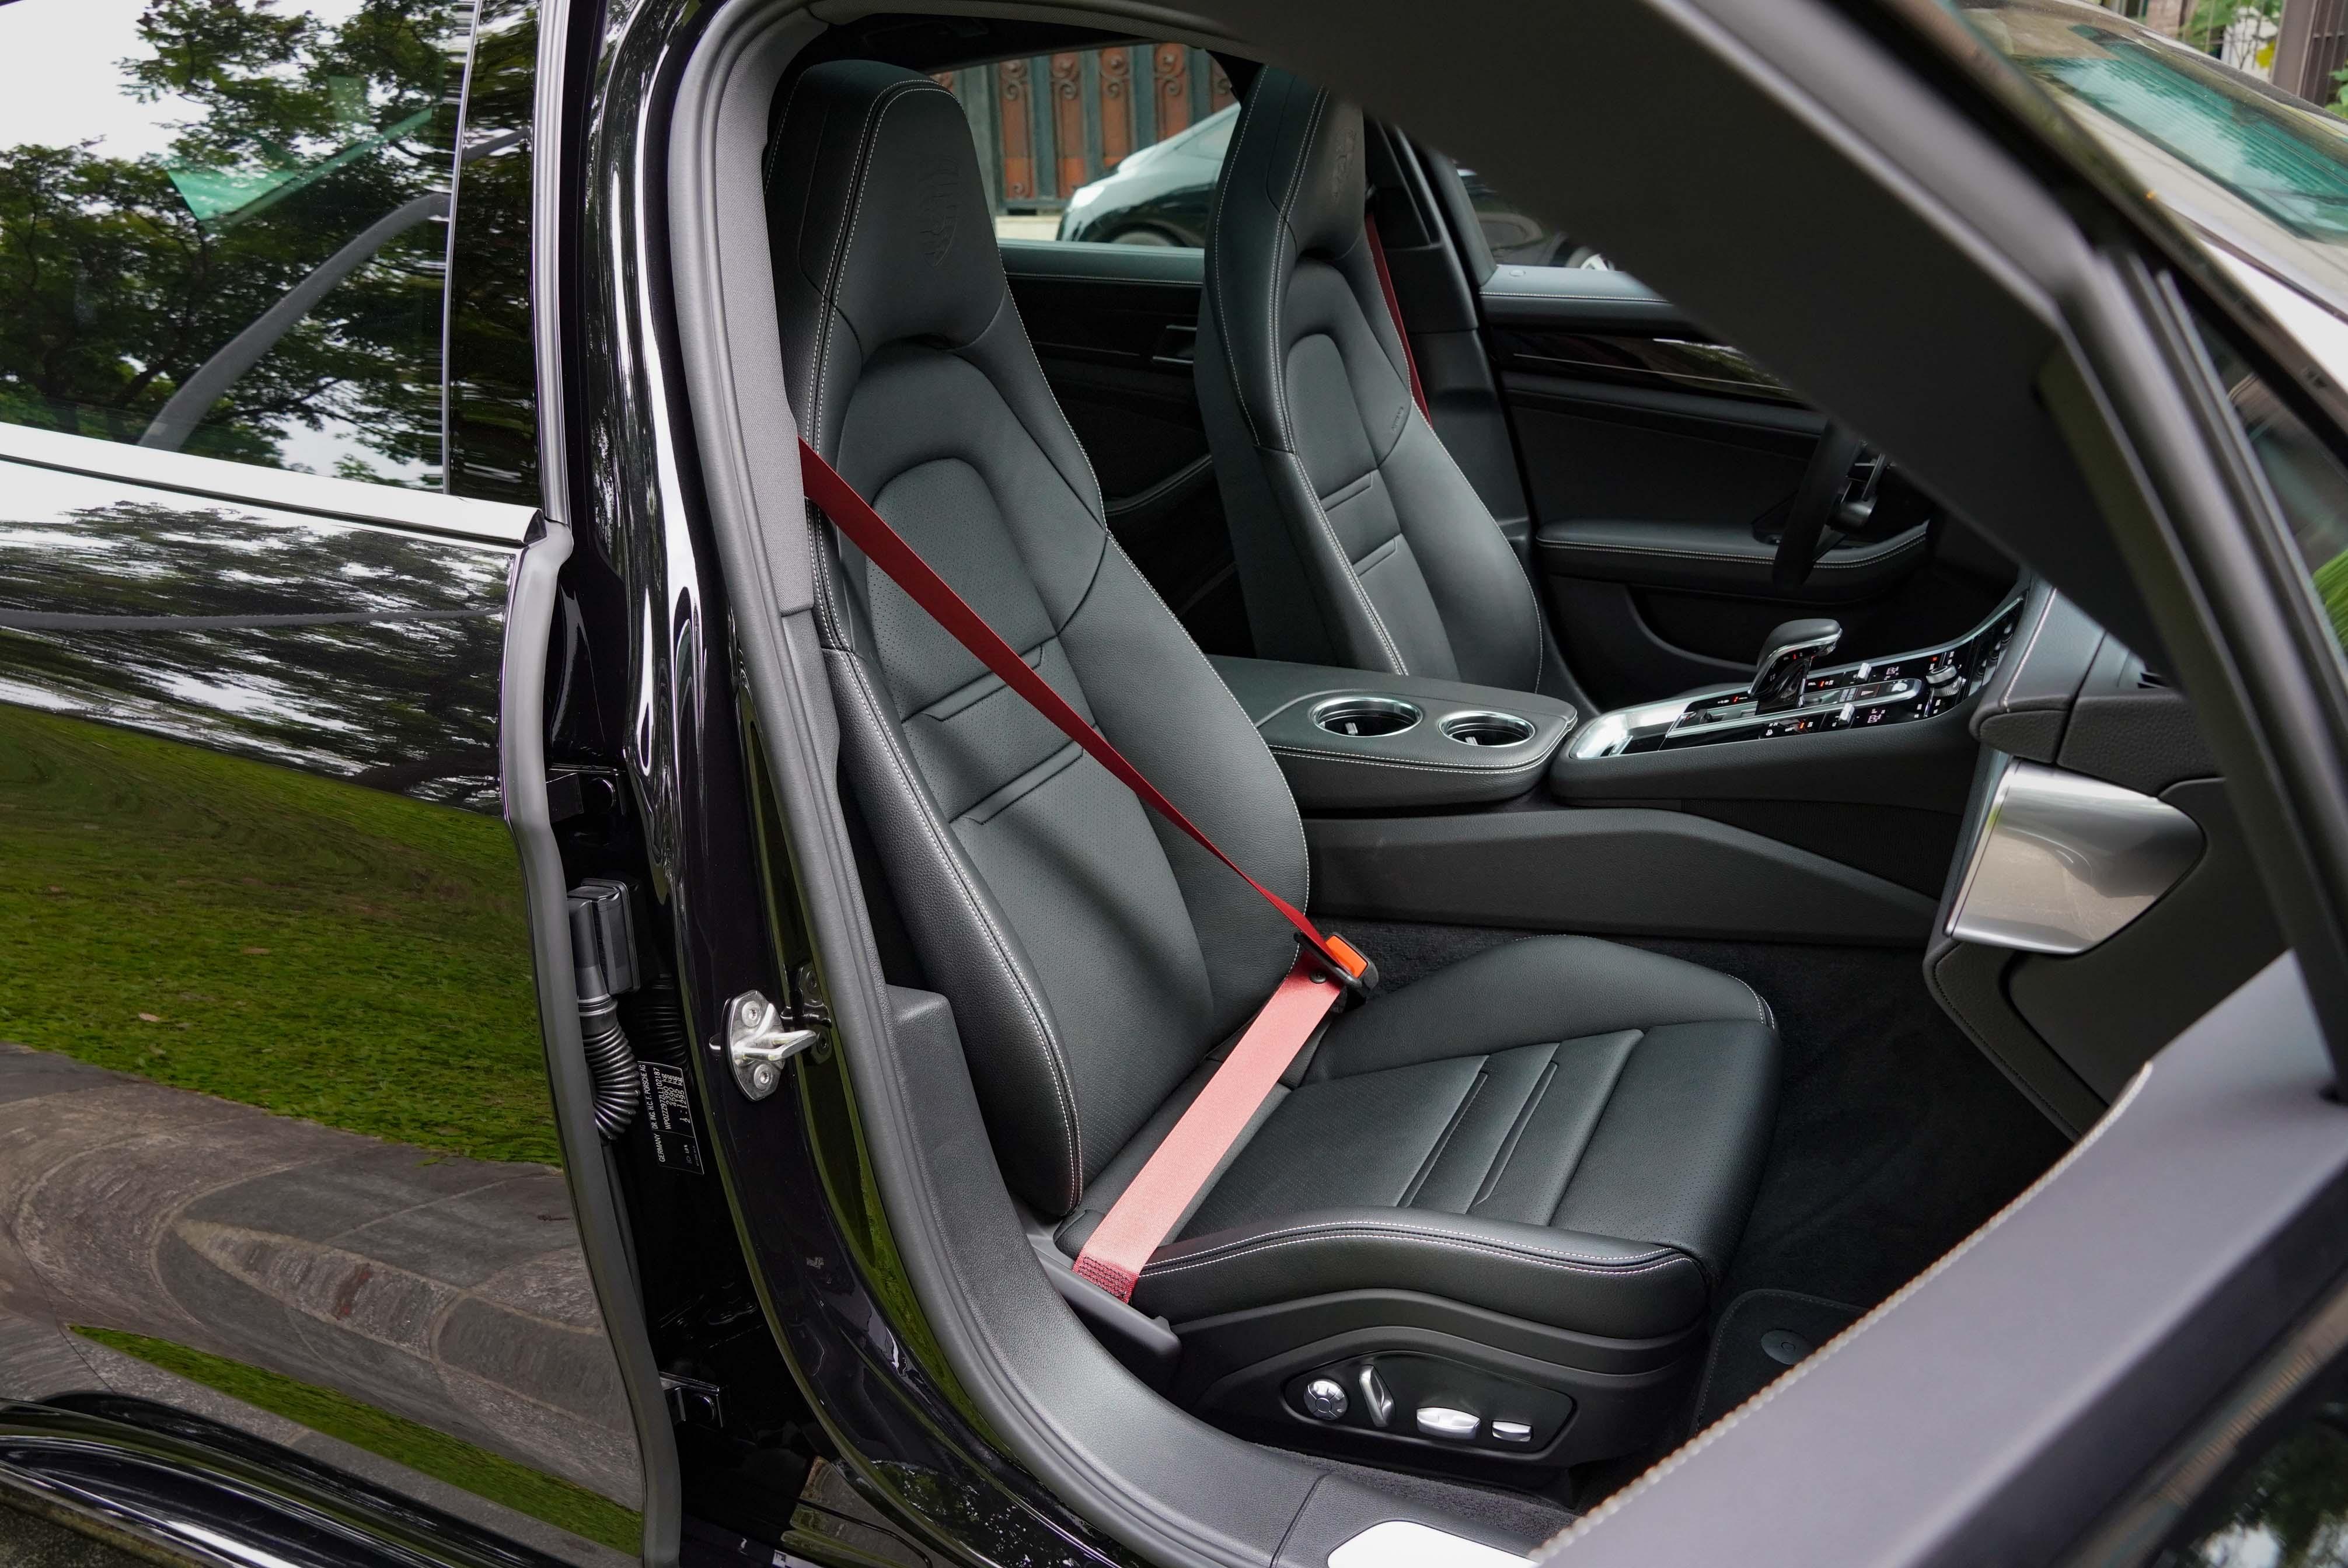 14 向電動調整舒適前座椅為 10 Years Edition 配備。酒紅色安全帶為選配。